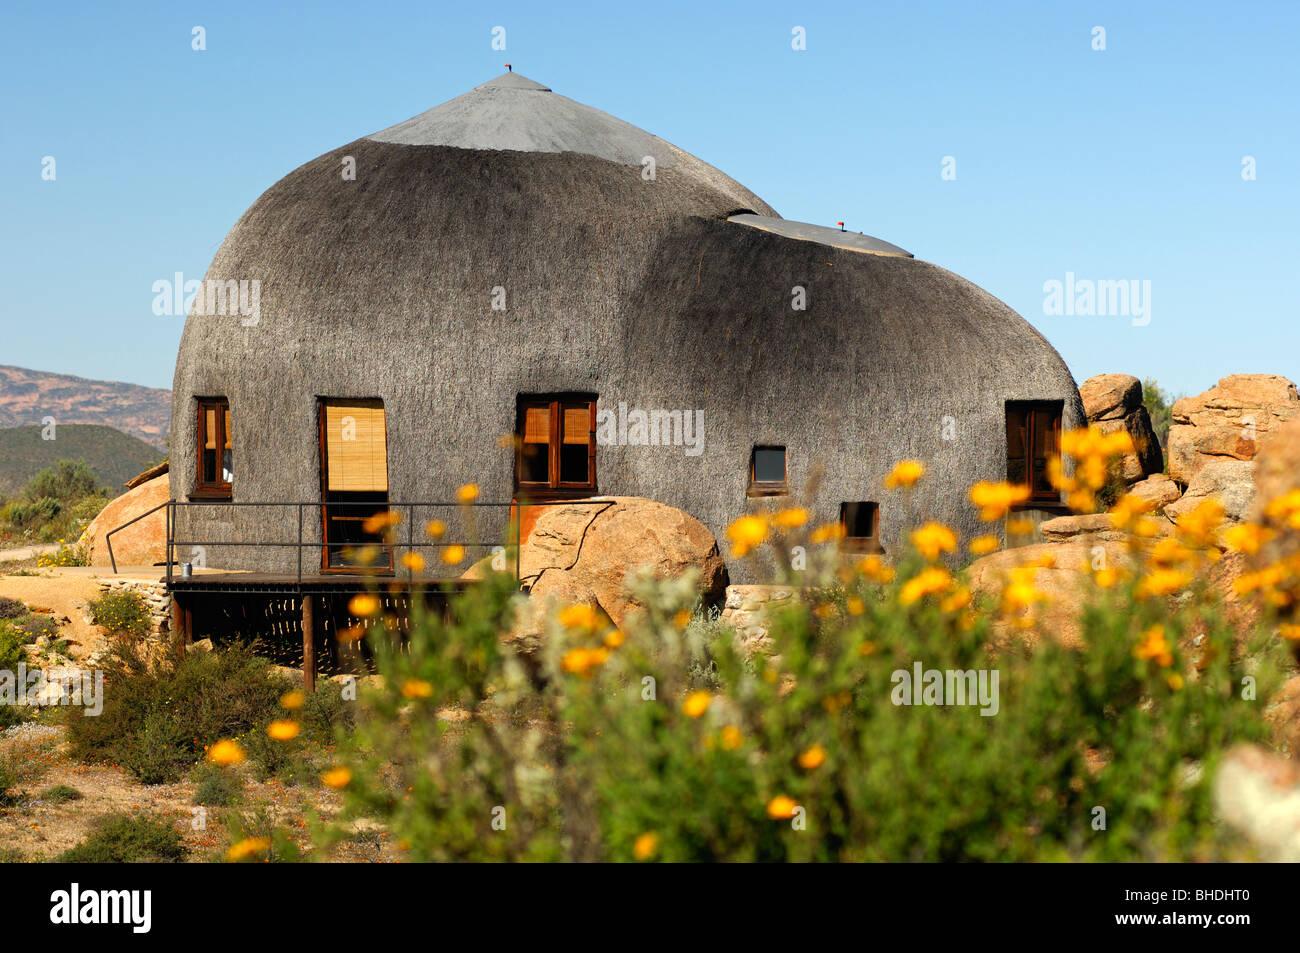 En forme de dôme Mountain Suite Namakwa Retreat Naries Namakwa,, Naries, Afrique du Sud Banque D'Images